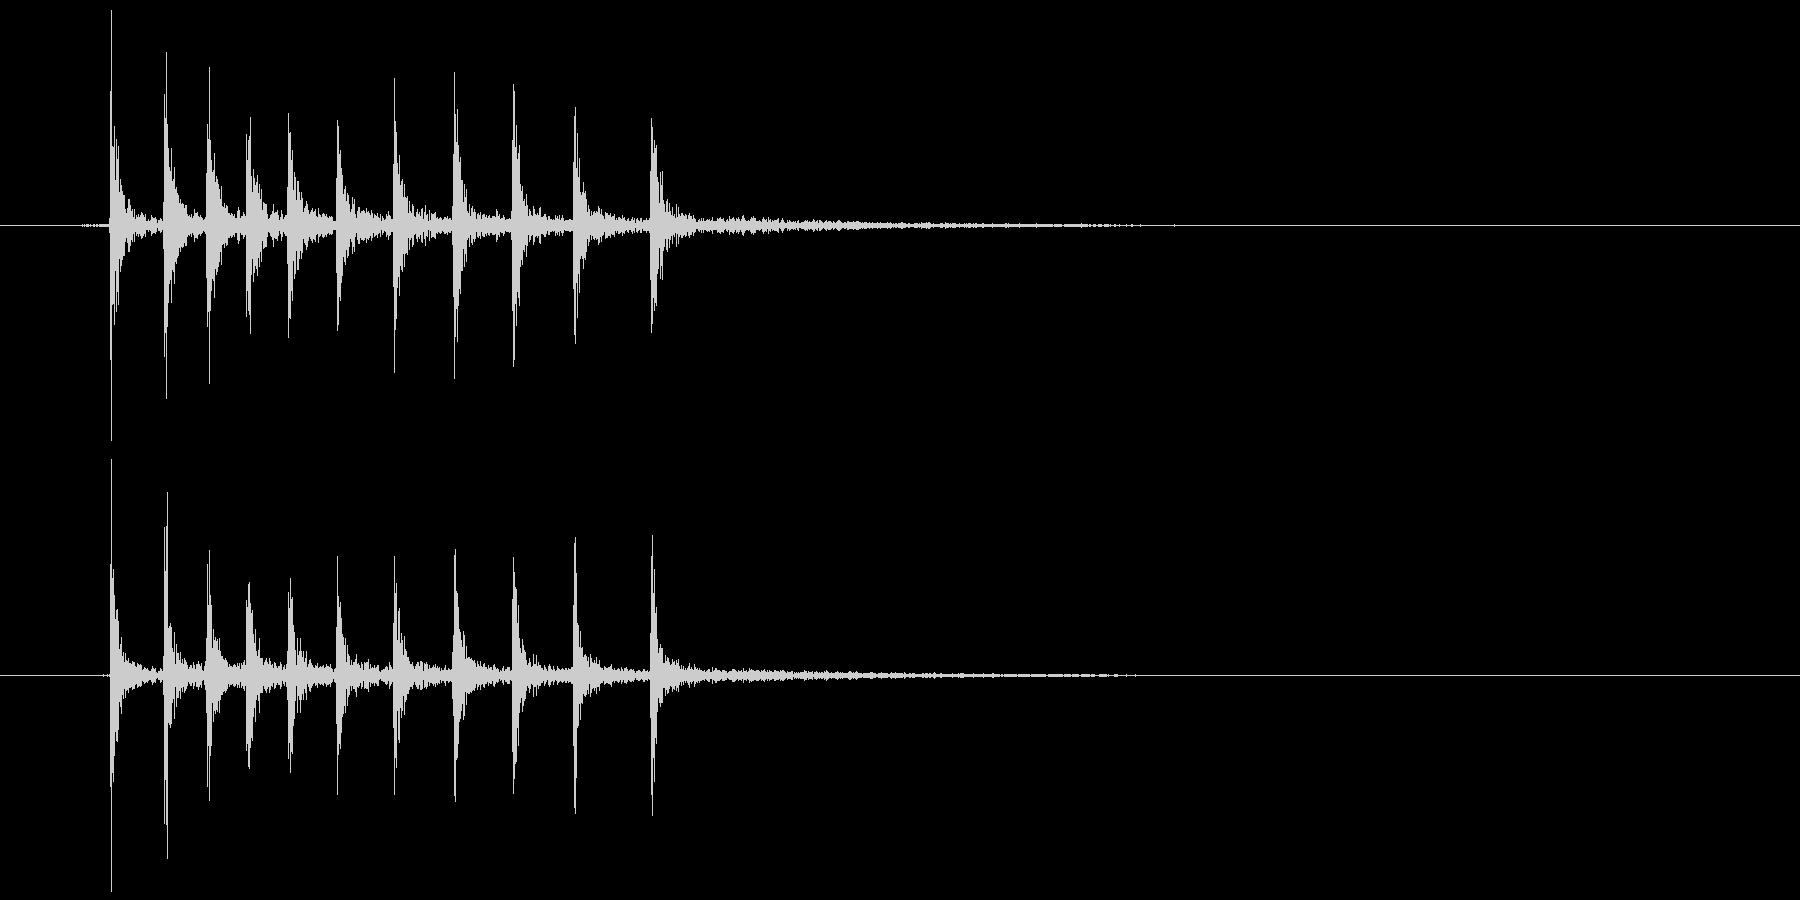 ゼンマイを巻く (キリッ)の未再生の波形